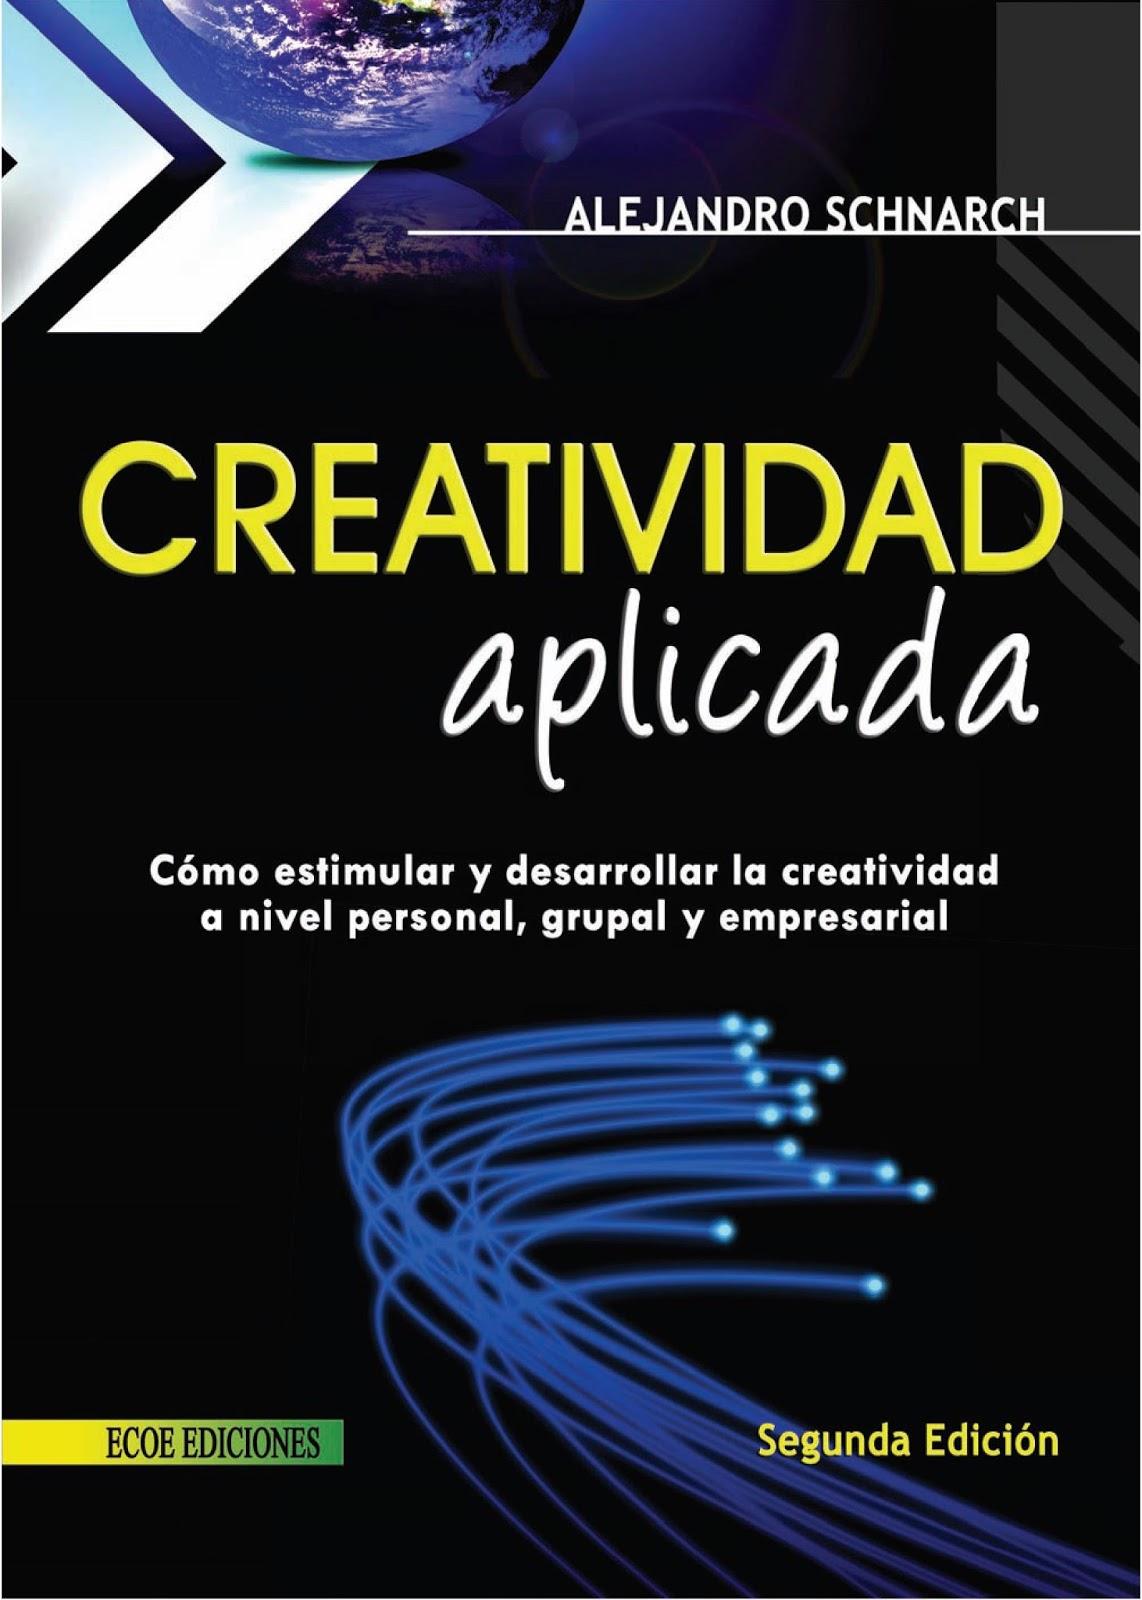 Creatividad aplicada: Cómo estimular y desarrollar la creatividad a nivel personal, grupa y empresarial, 2da. Edición – Alejandro Schnarch